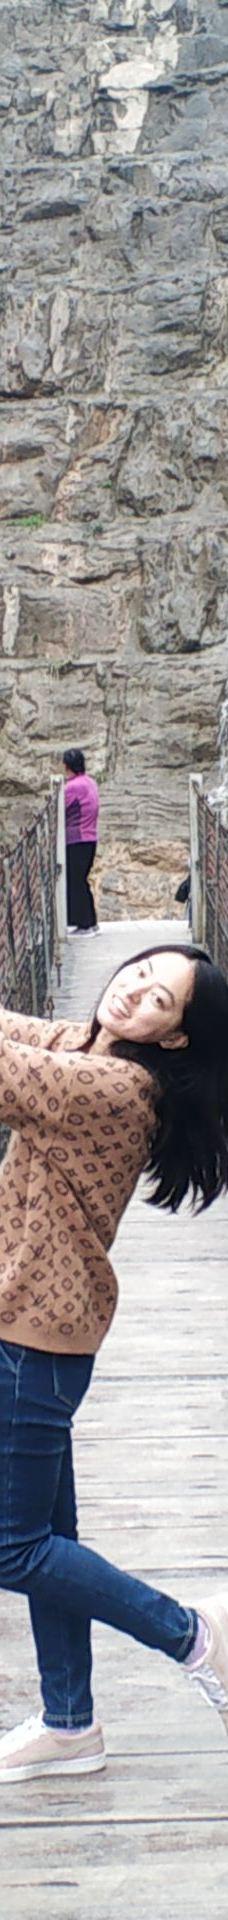 神潭大峡谷-永济